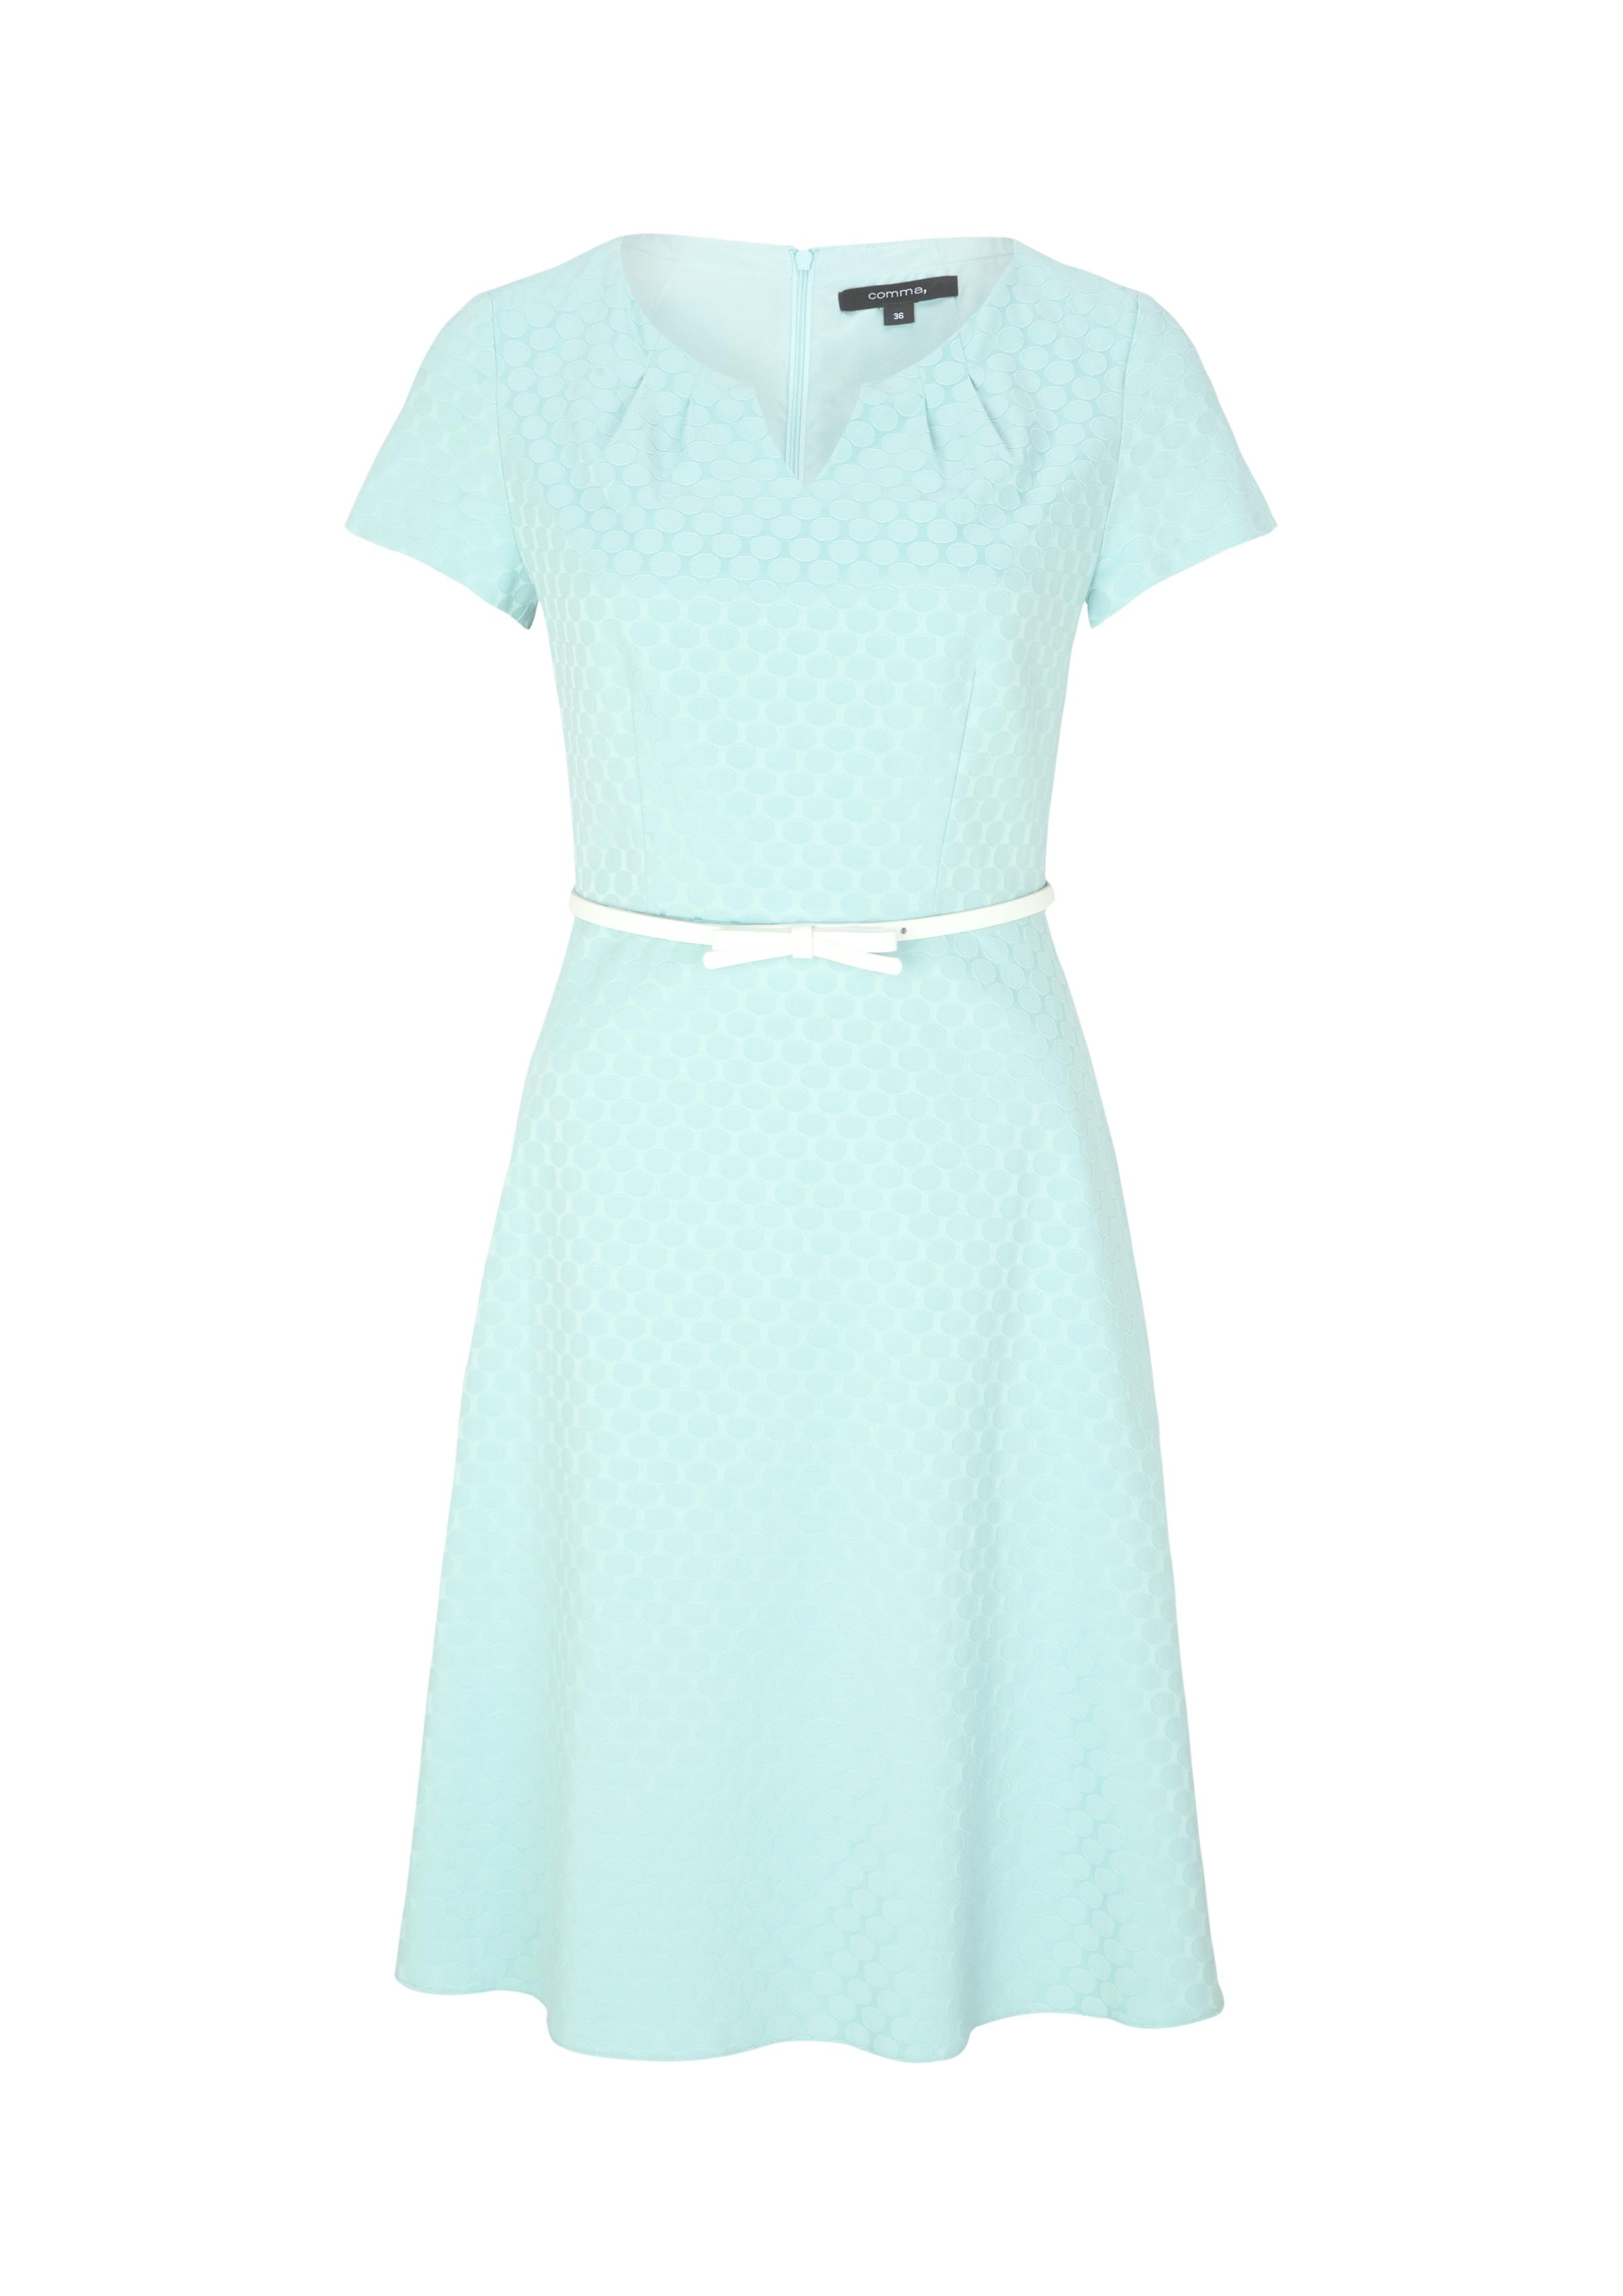 Businesskleid | Bekleidung > Kleider > Sonstige Kleider | Blau/grün | 57% baumwolle -  39% polyester -  4% elasthan| futter: 100% polyester | comma